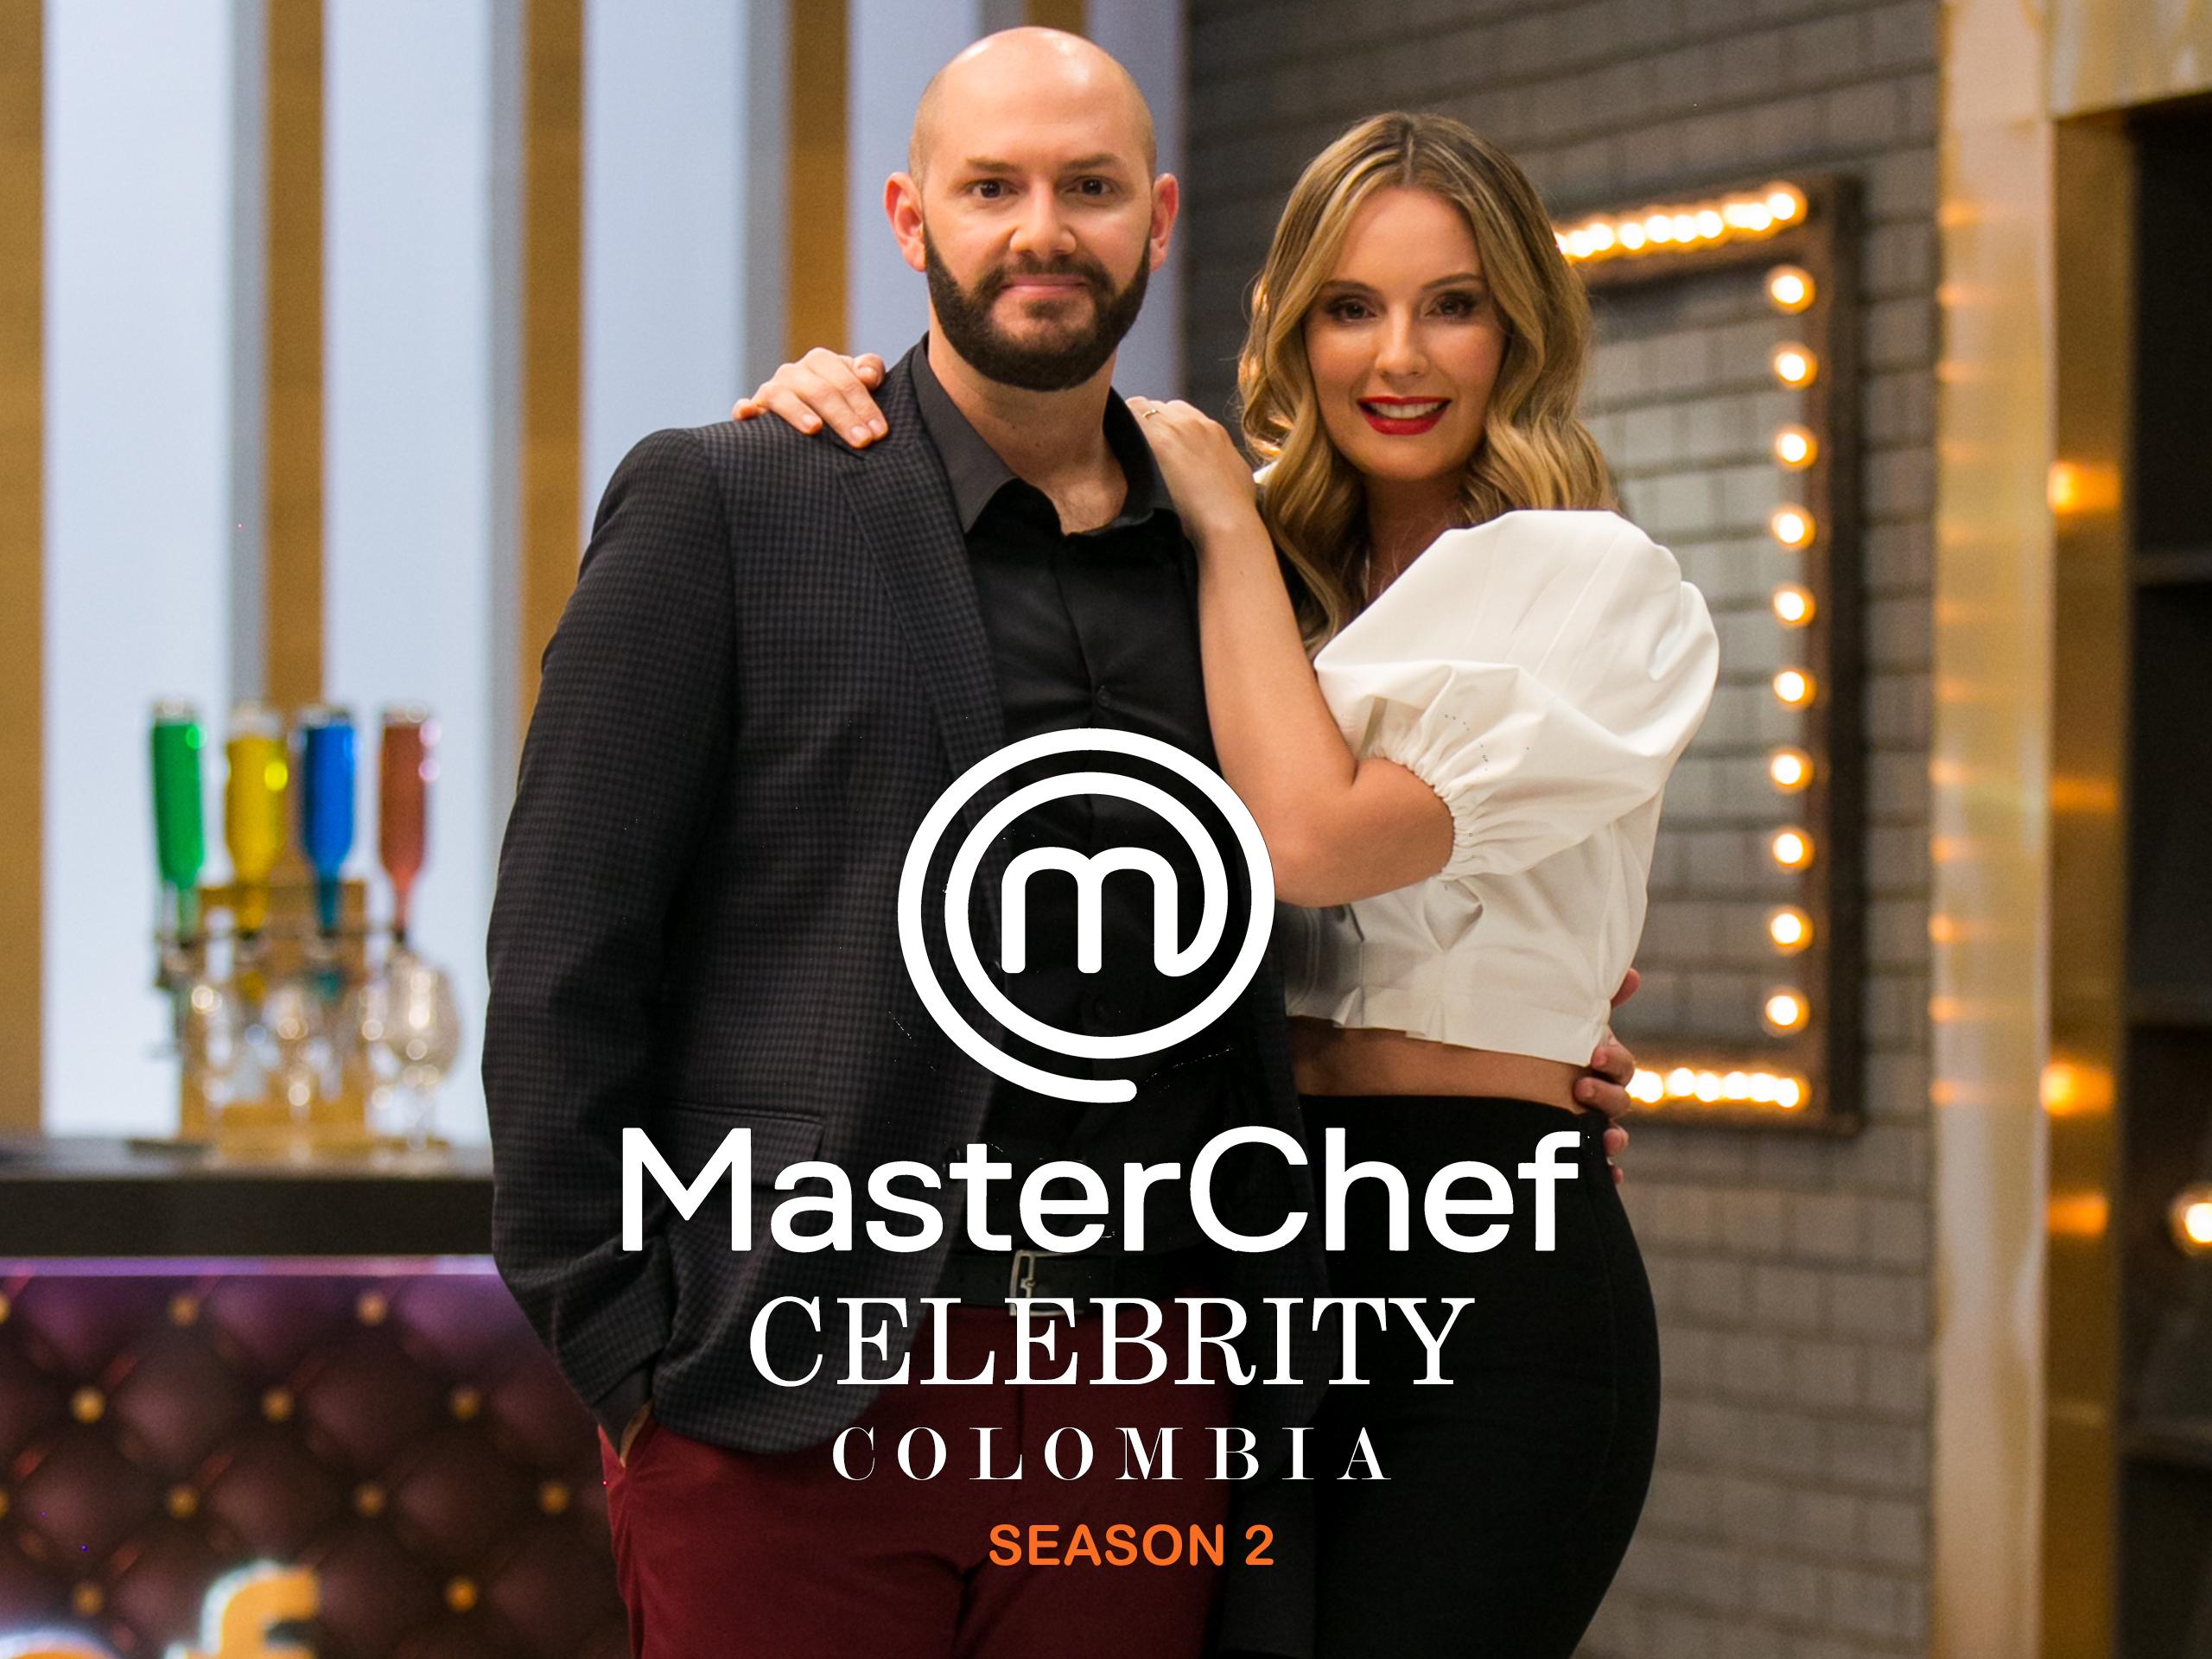 Prime Video Masterchef Colombia Celebrity Season 1